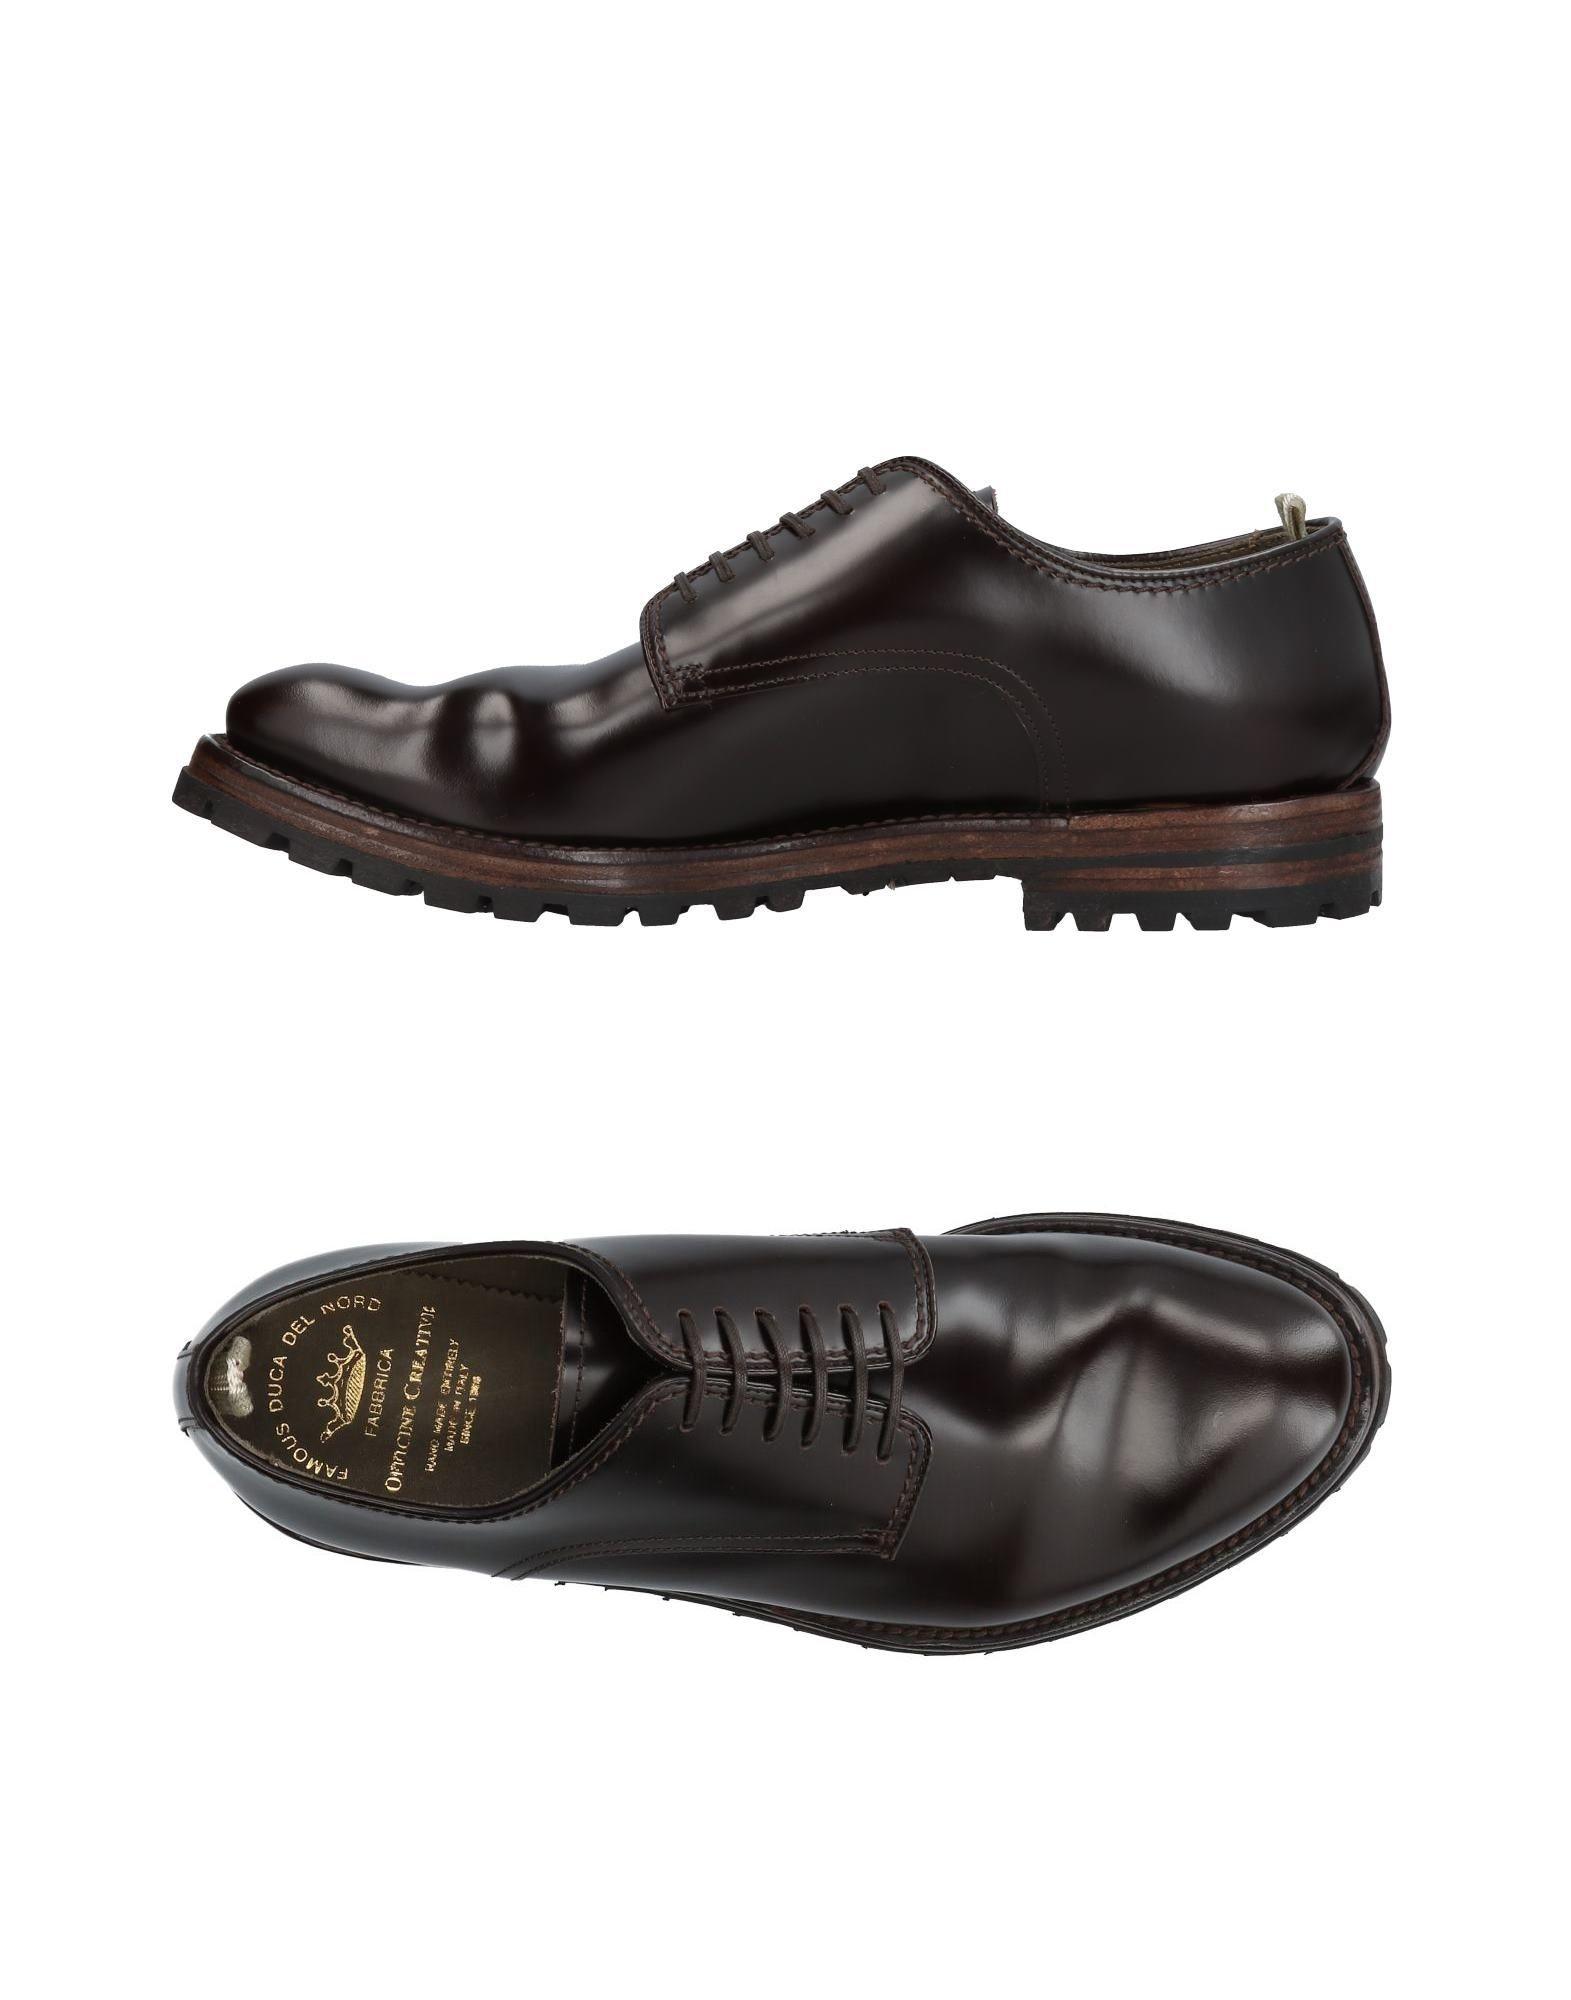 Officine Creative Italia Schnürschuhe Herren  11445409GS Gute Qualität beliebte Schuhe